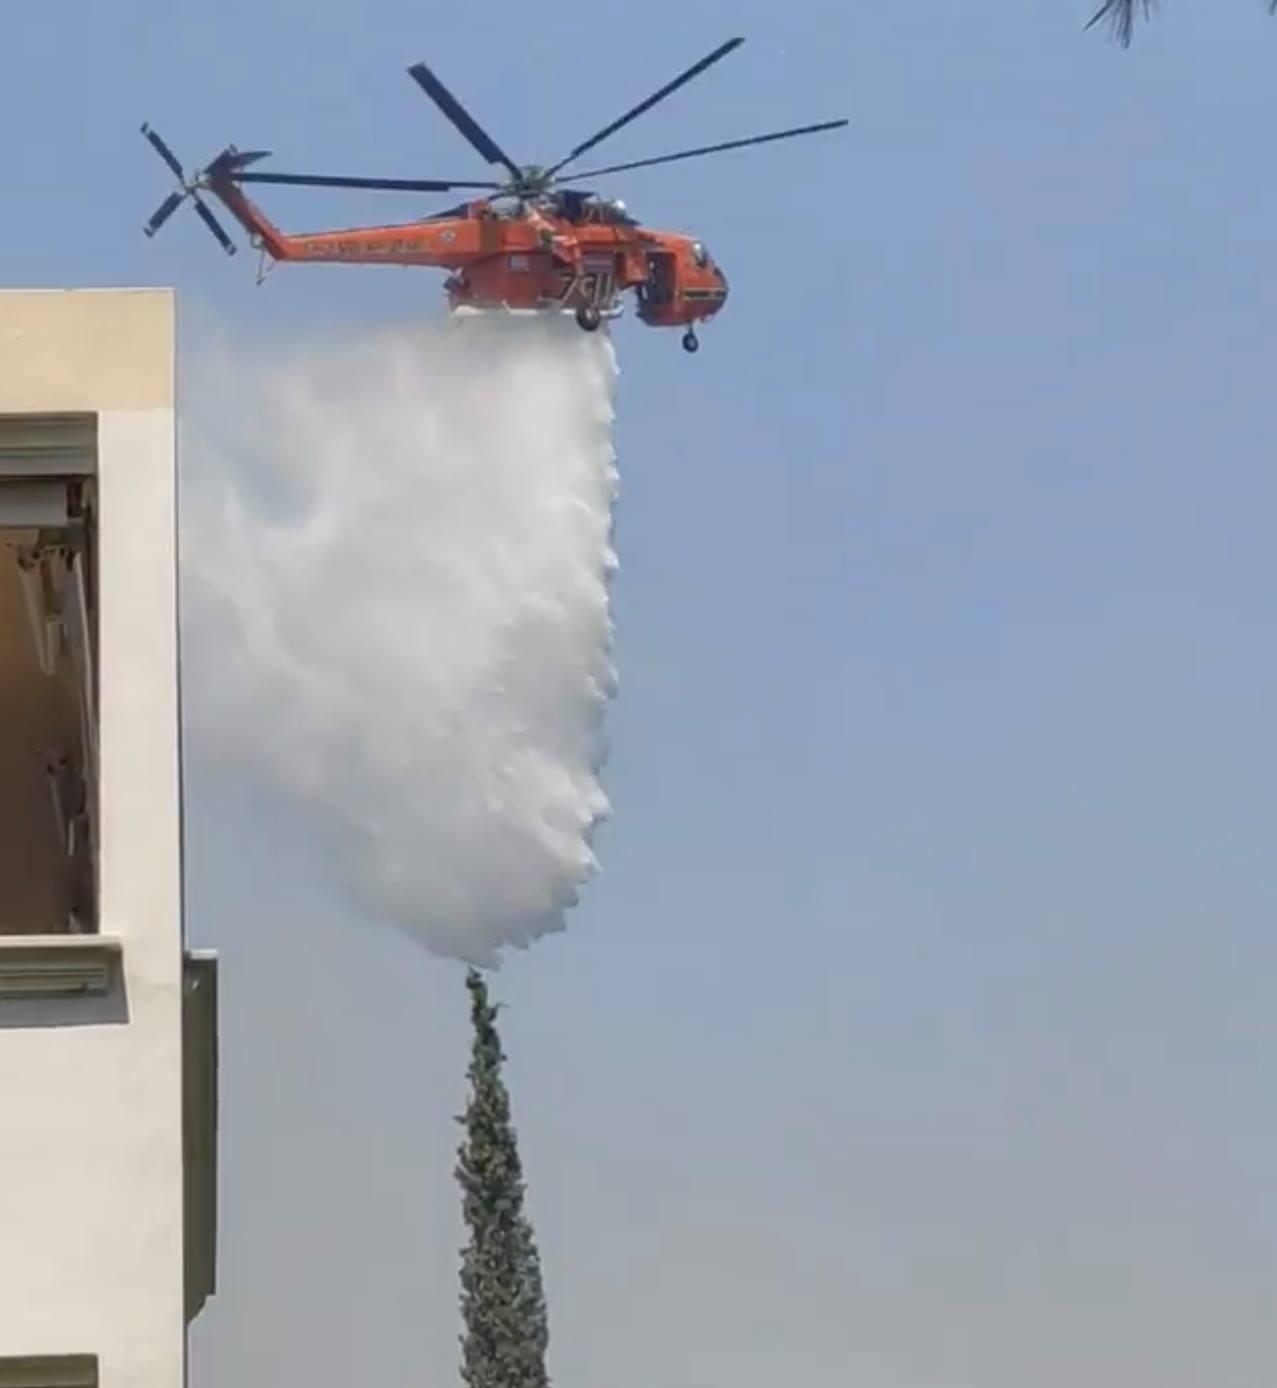 Φωτιά σε Σταμάτα, Ροδόπολη, Διόνυσο. Δύσκολες ώρες με τις φλόγες ανάμεσα στα σπίτια. Η επείγουσα ειδοποίηση στα κινητά από την πολιτική προστασία